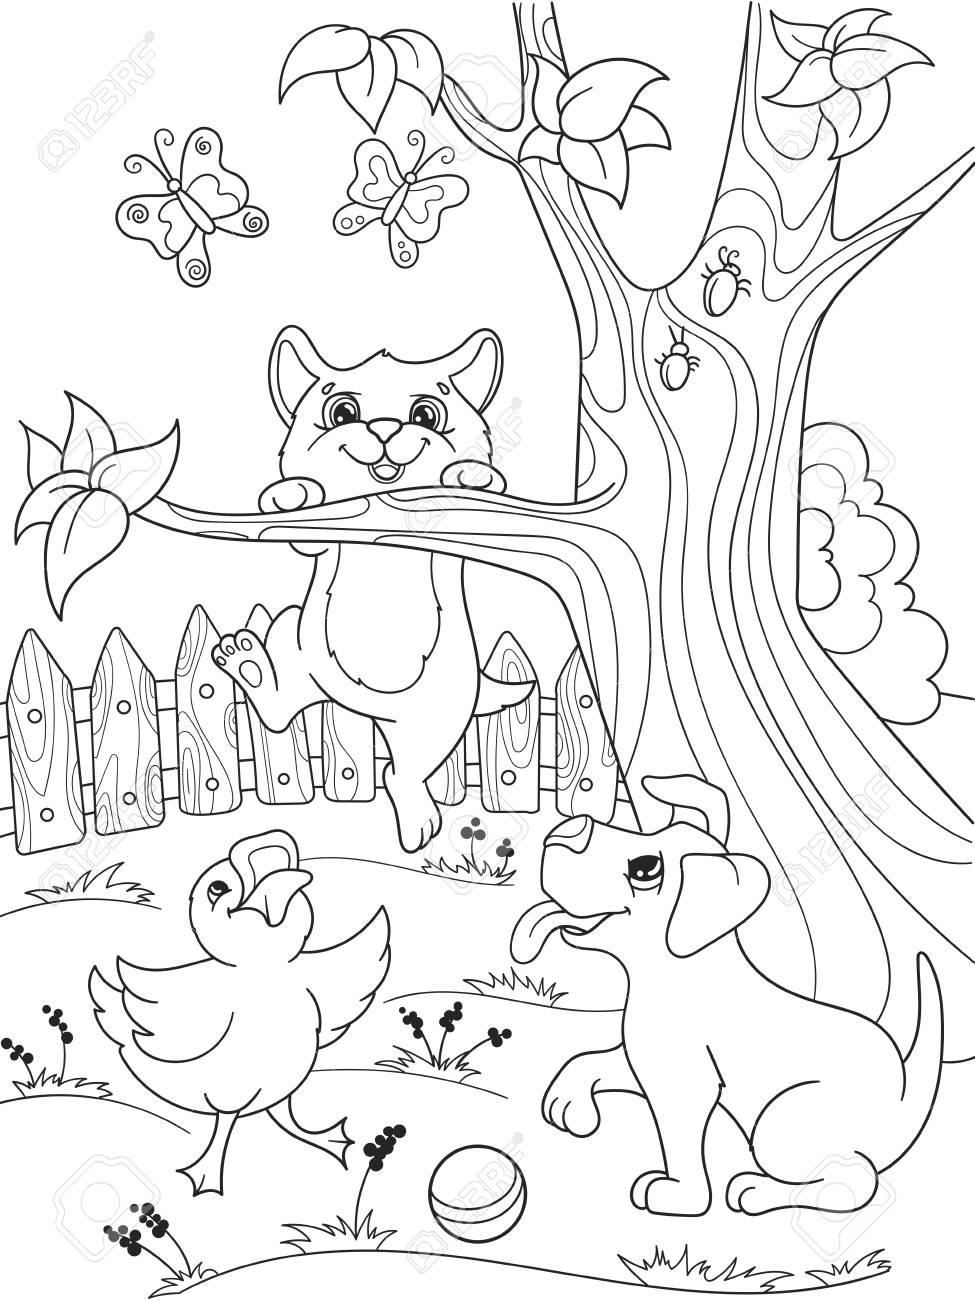 Coloriage Bebe Chien Et Chat.Enfants A Colorier Des Amis Animaux De Dessin Anime Dans La Nature